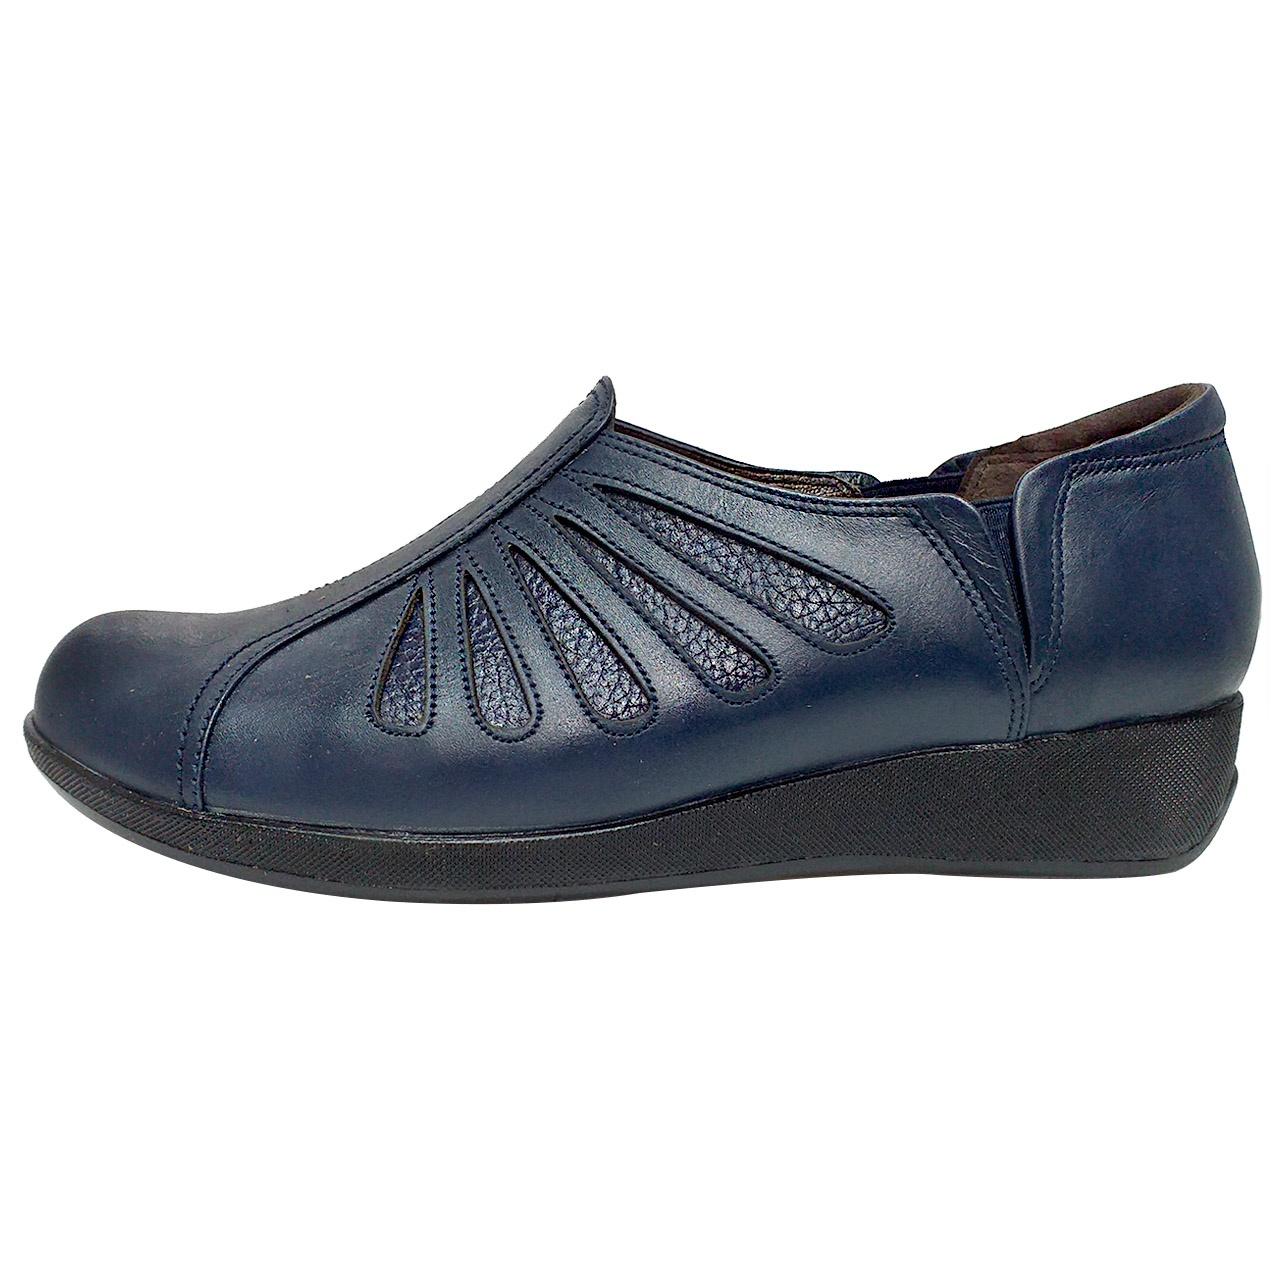 خرید                      کفش روزمره زنانه روشن مدل شاهین کد 03